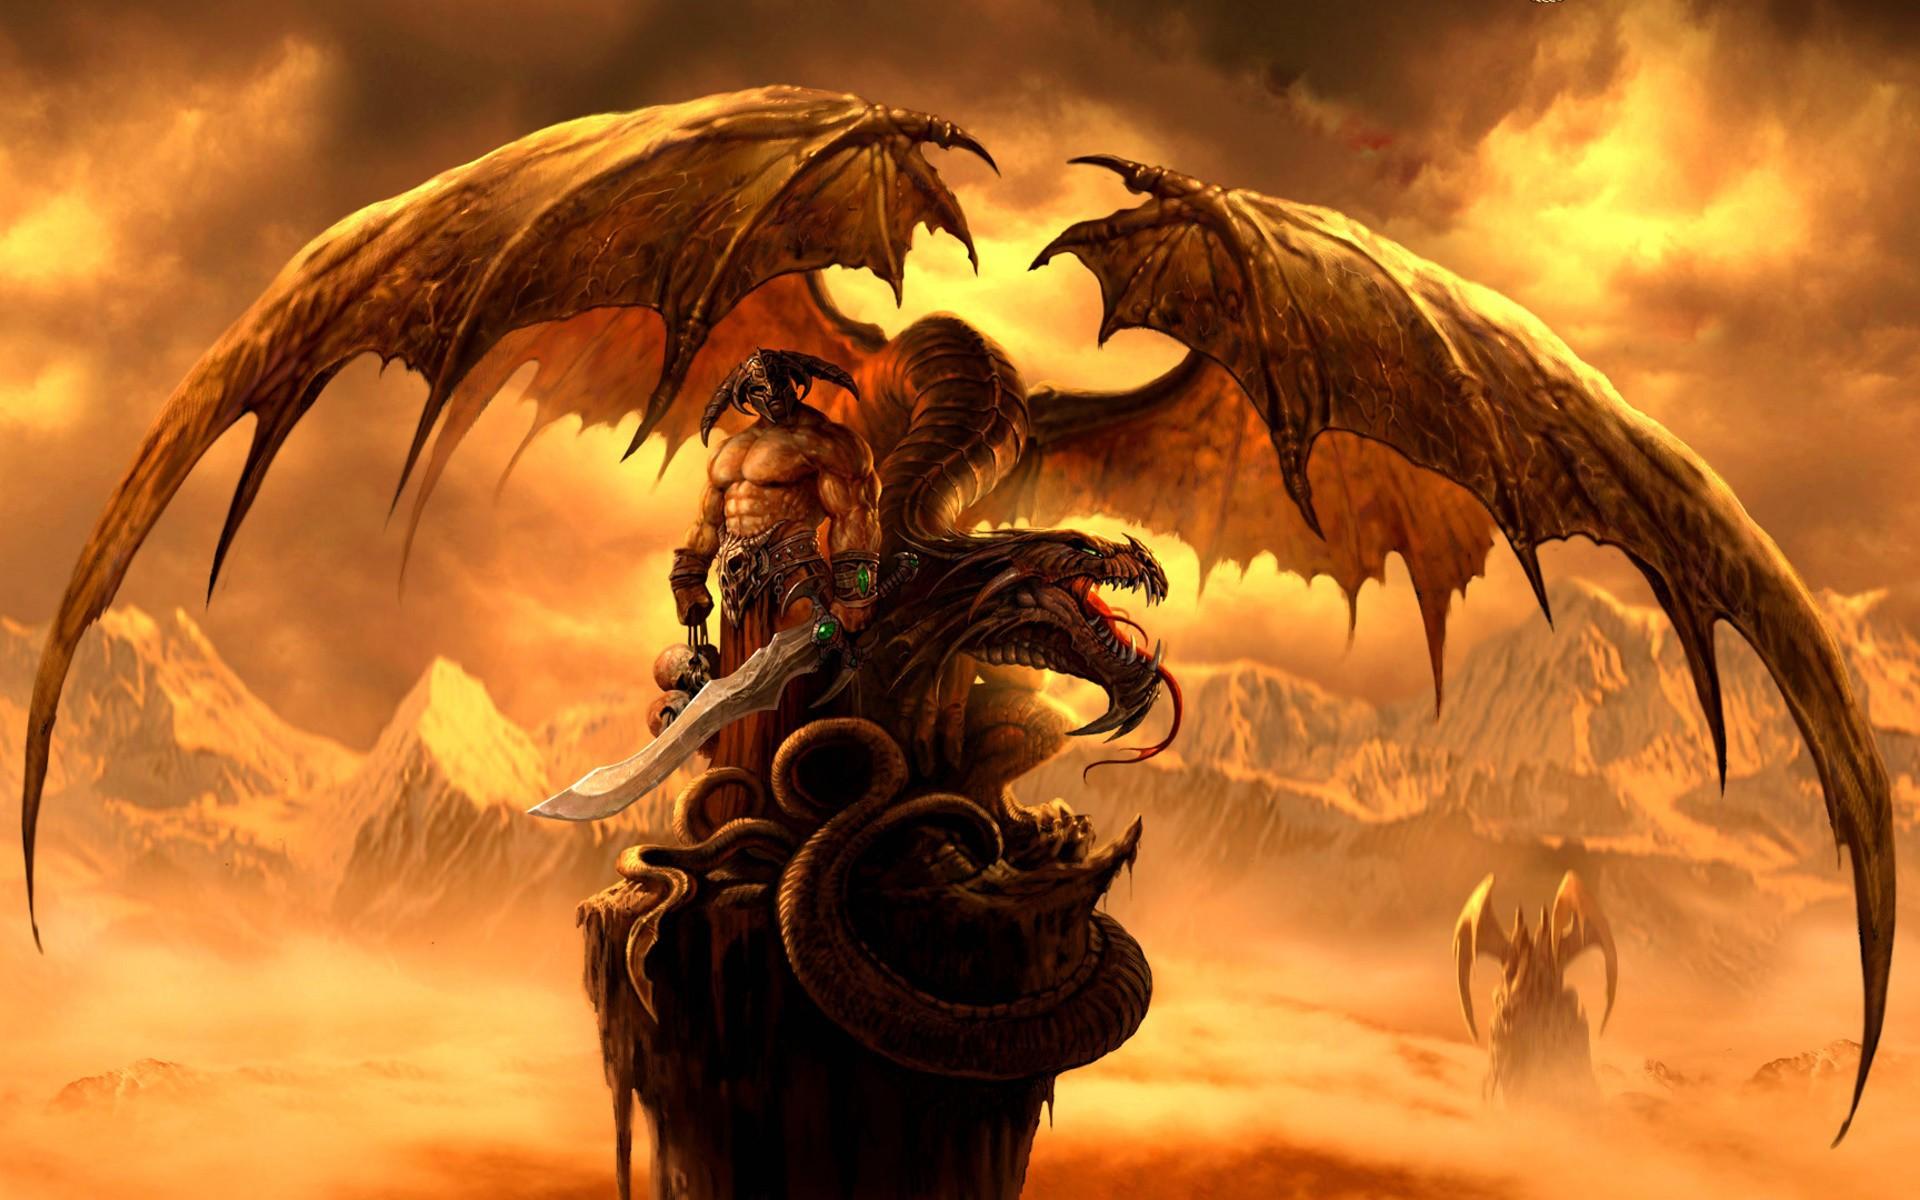 Fotos de guerreros mitologicos 86